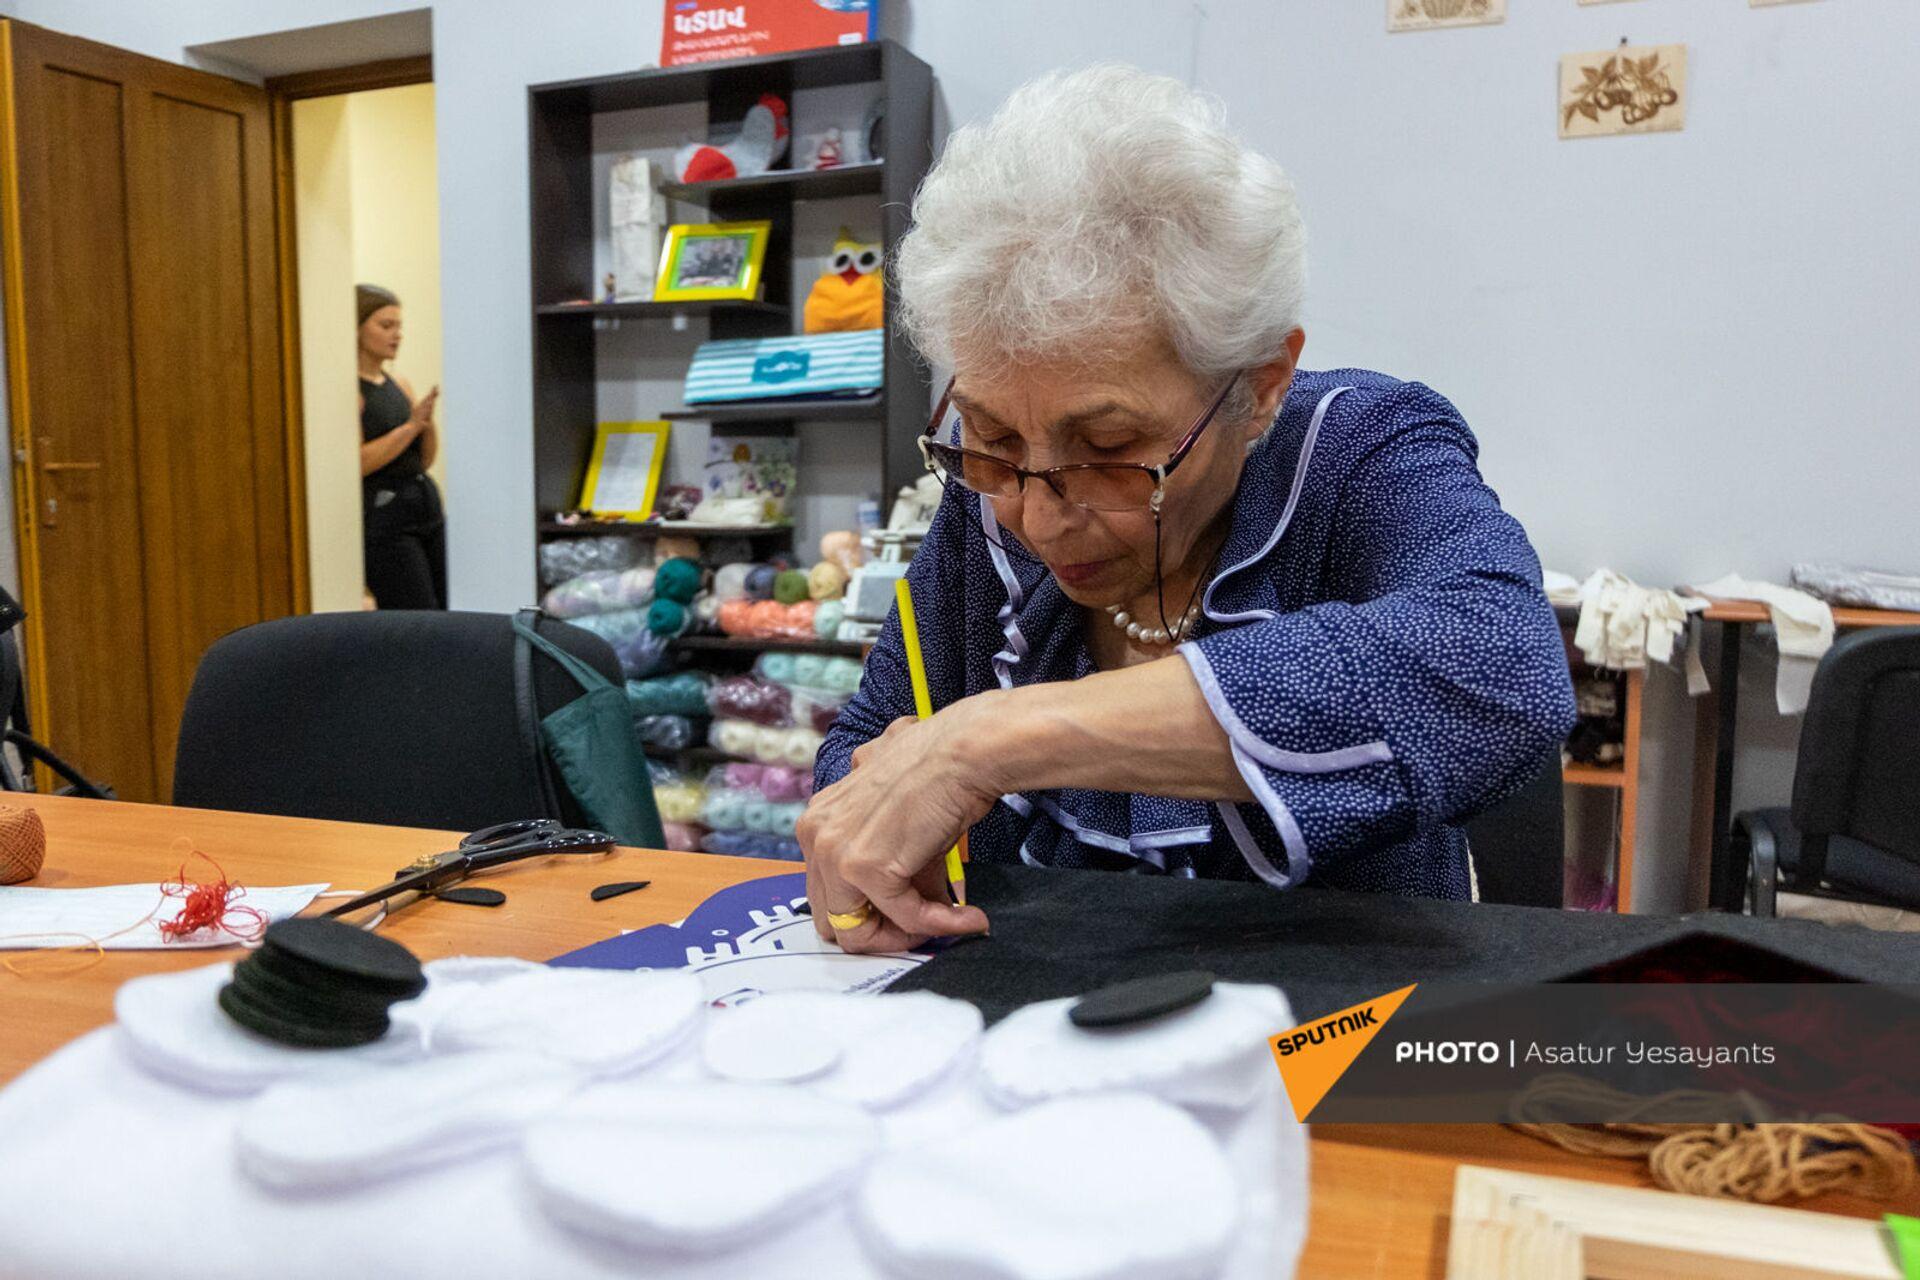 Подопечная Центра обеспечения здоровья и ухода пожилых людей в творческом процессе - Sputnik Արմենիա, 1920, 14.09.2021